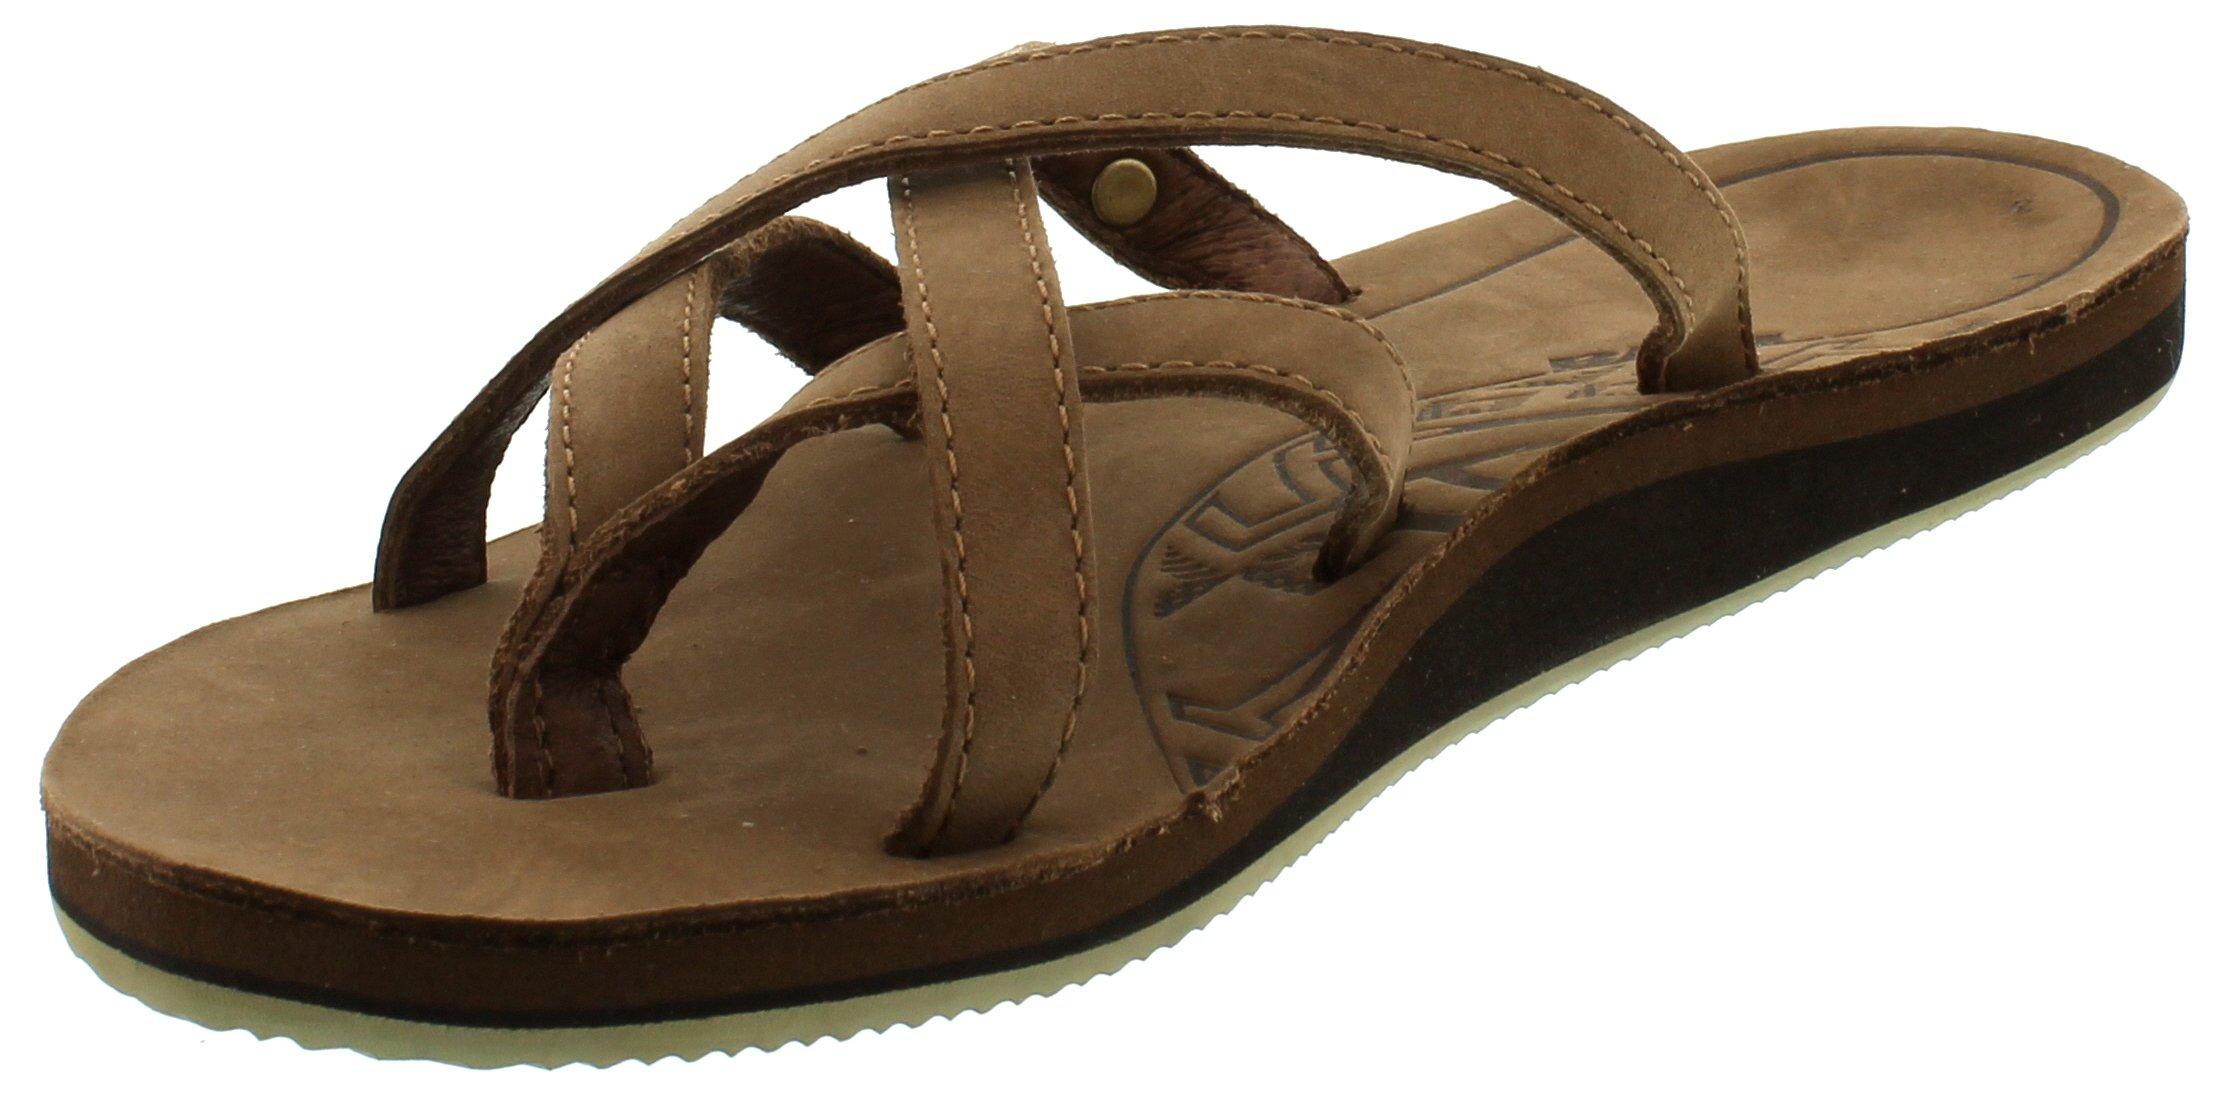 Teva Womens W Olowahu Leather-W